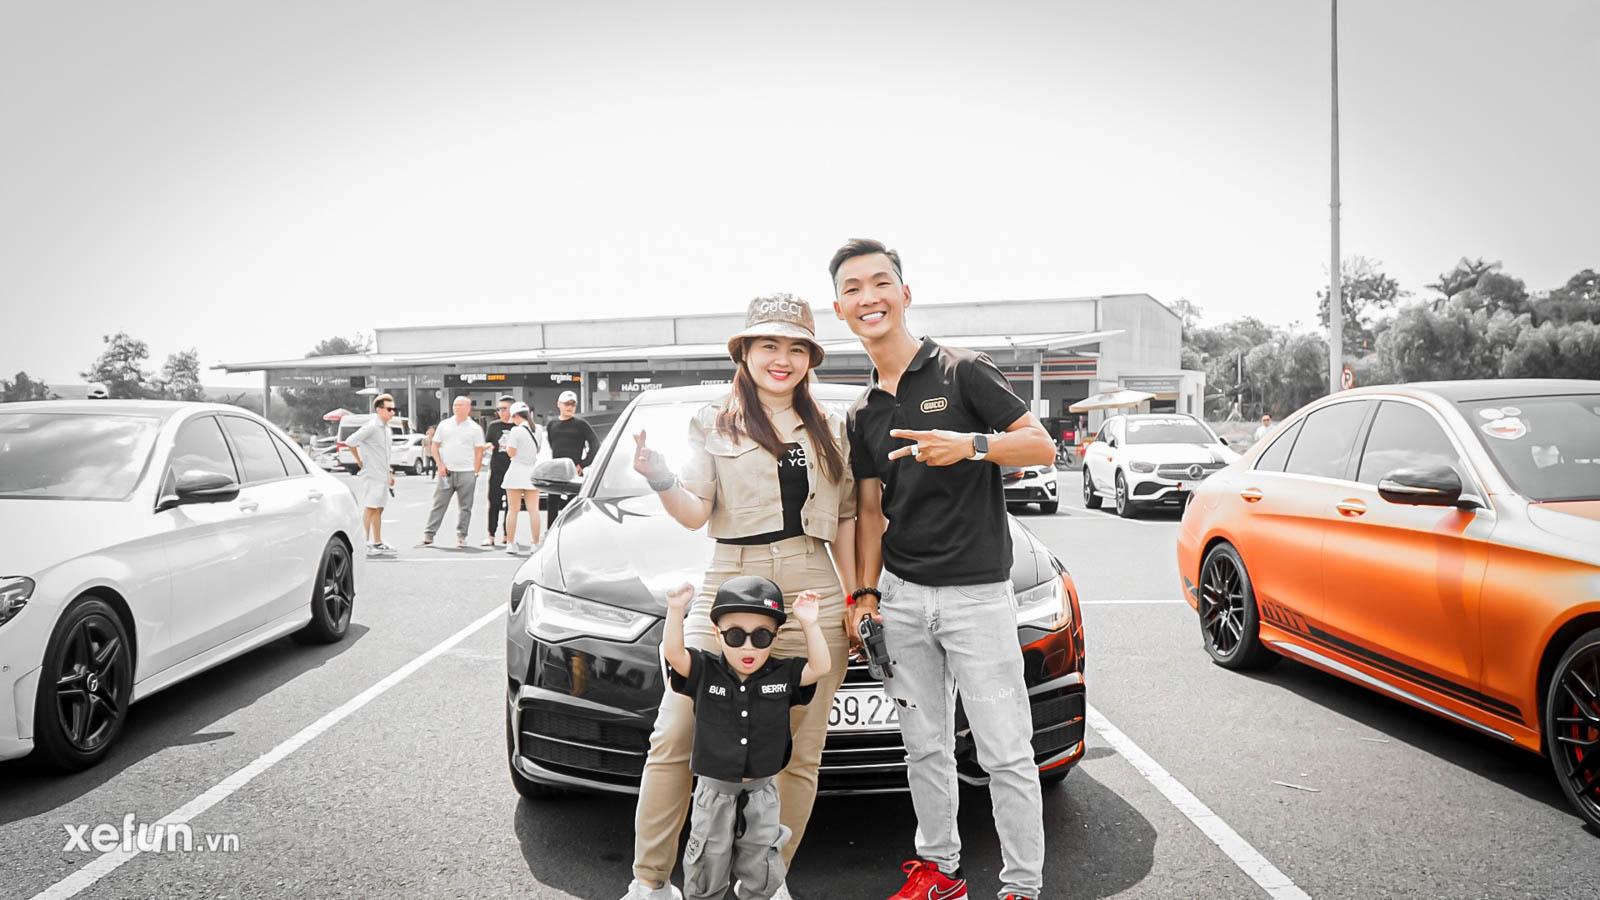 Summer Trip Mãn nhãn với dàn siêu xe tiền tỷ tại buổi offline của Hội Yêu Xe Đức Xefun - 4364675